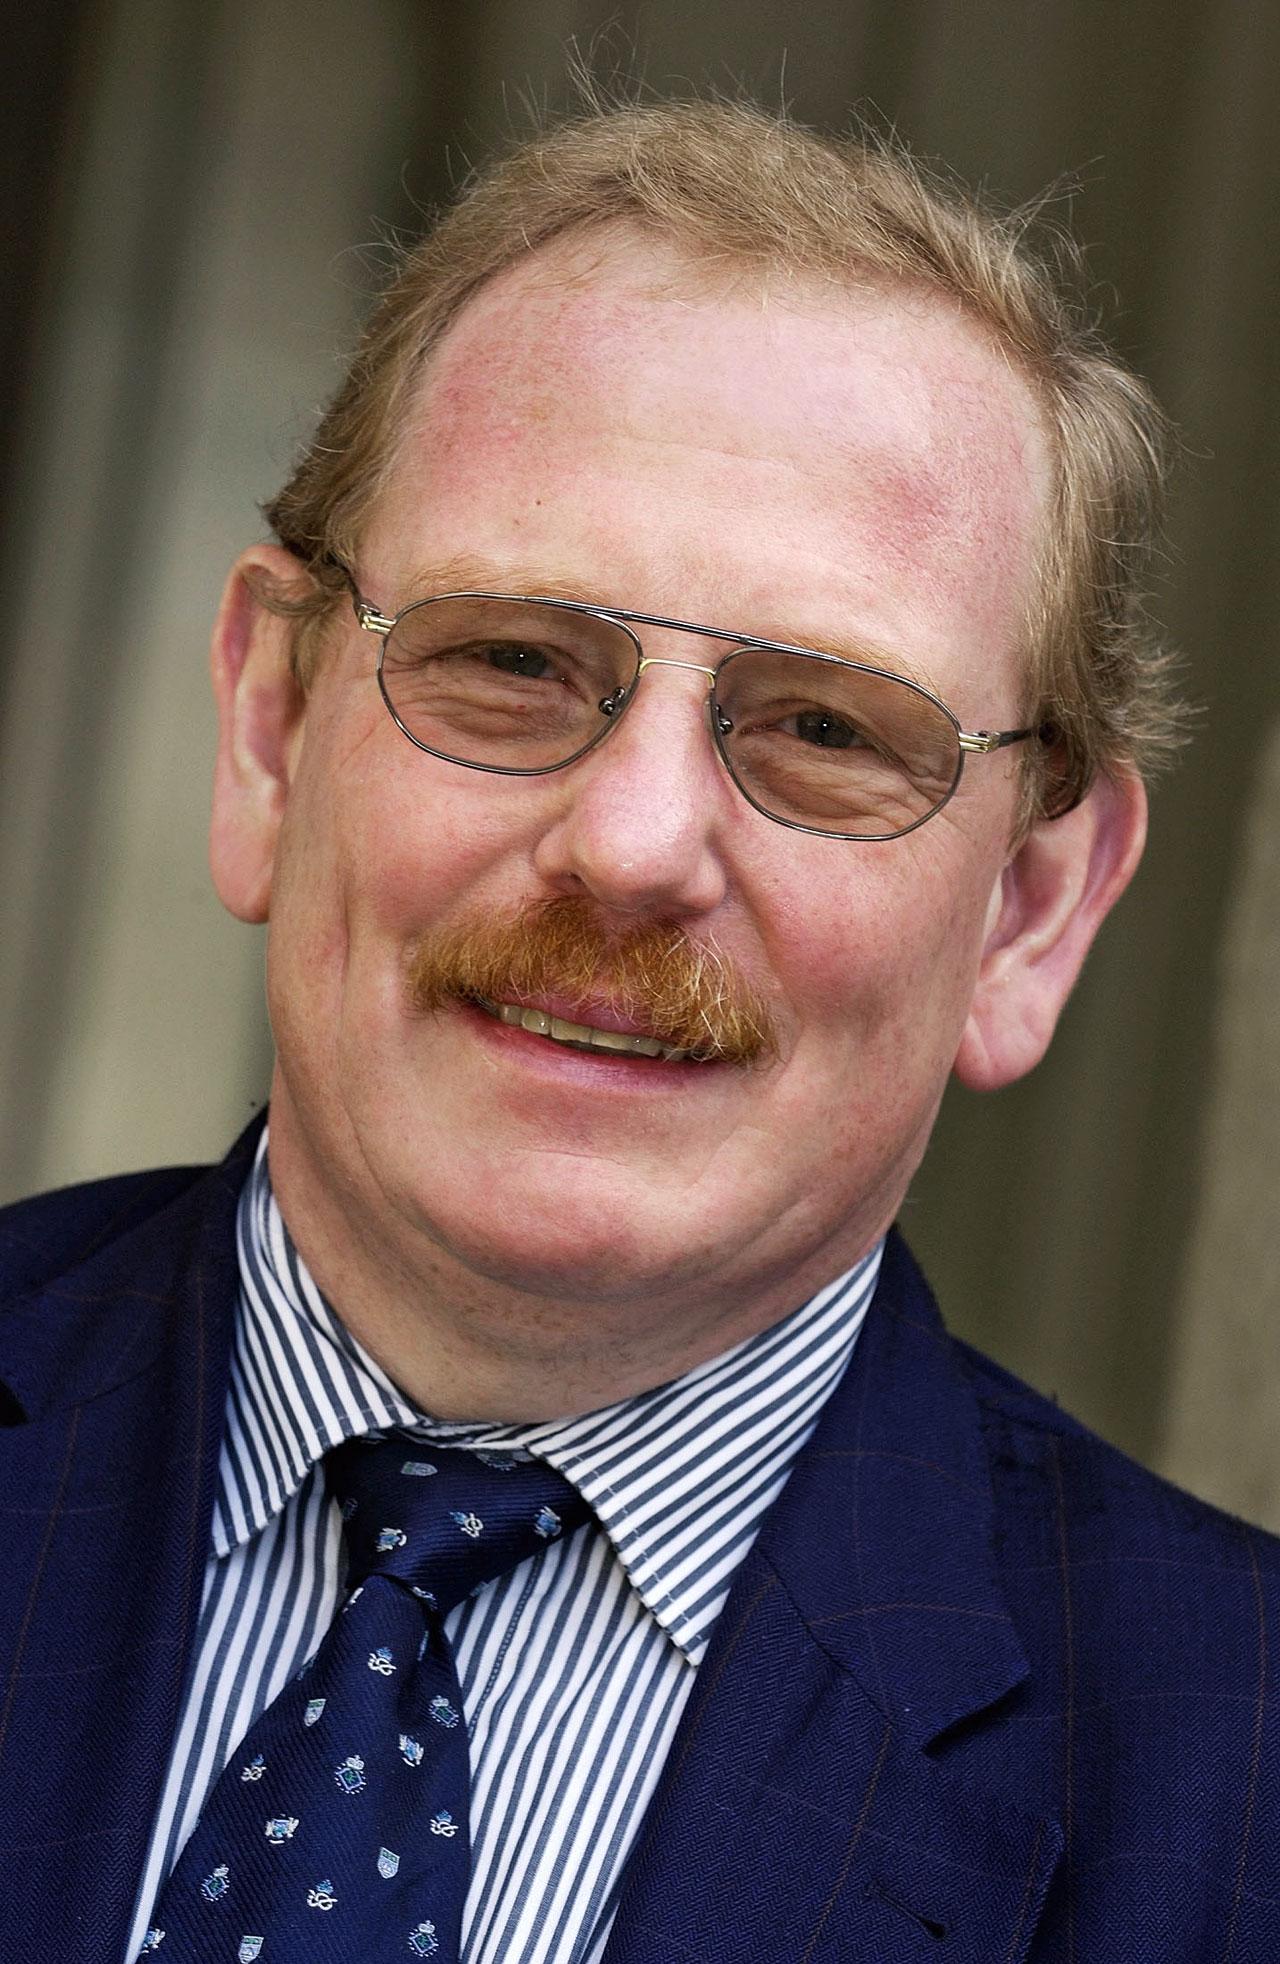 image of Reinhard Genzel